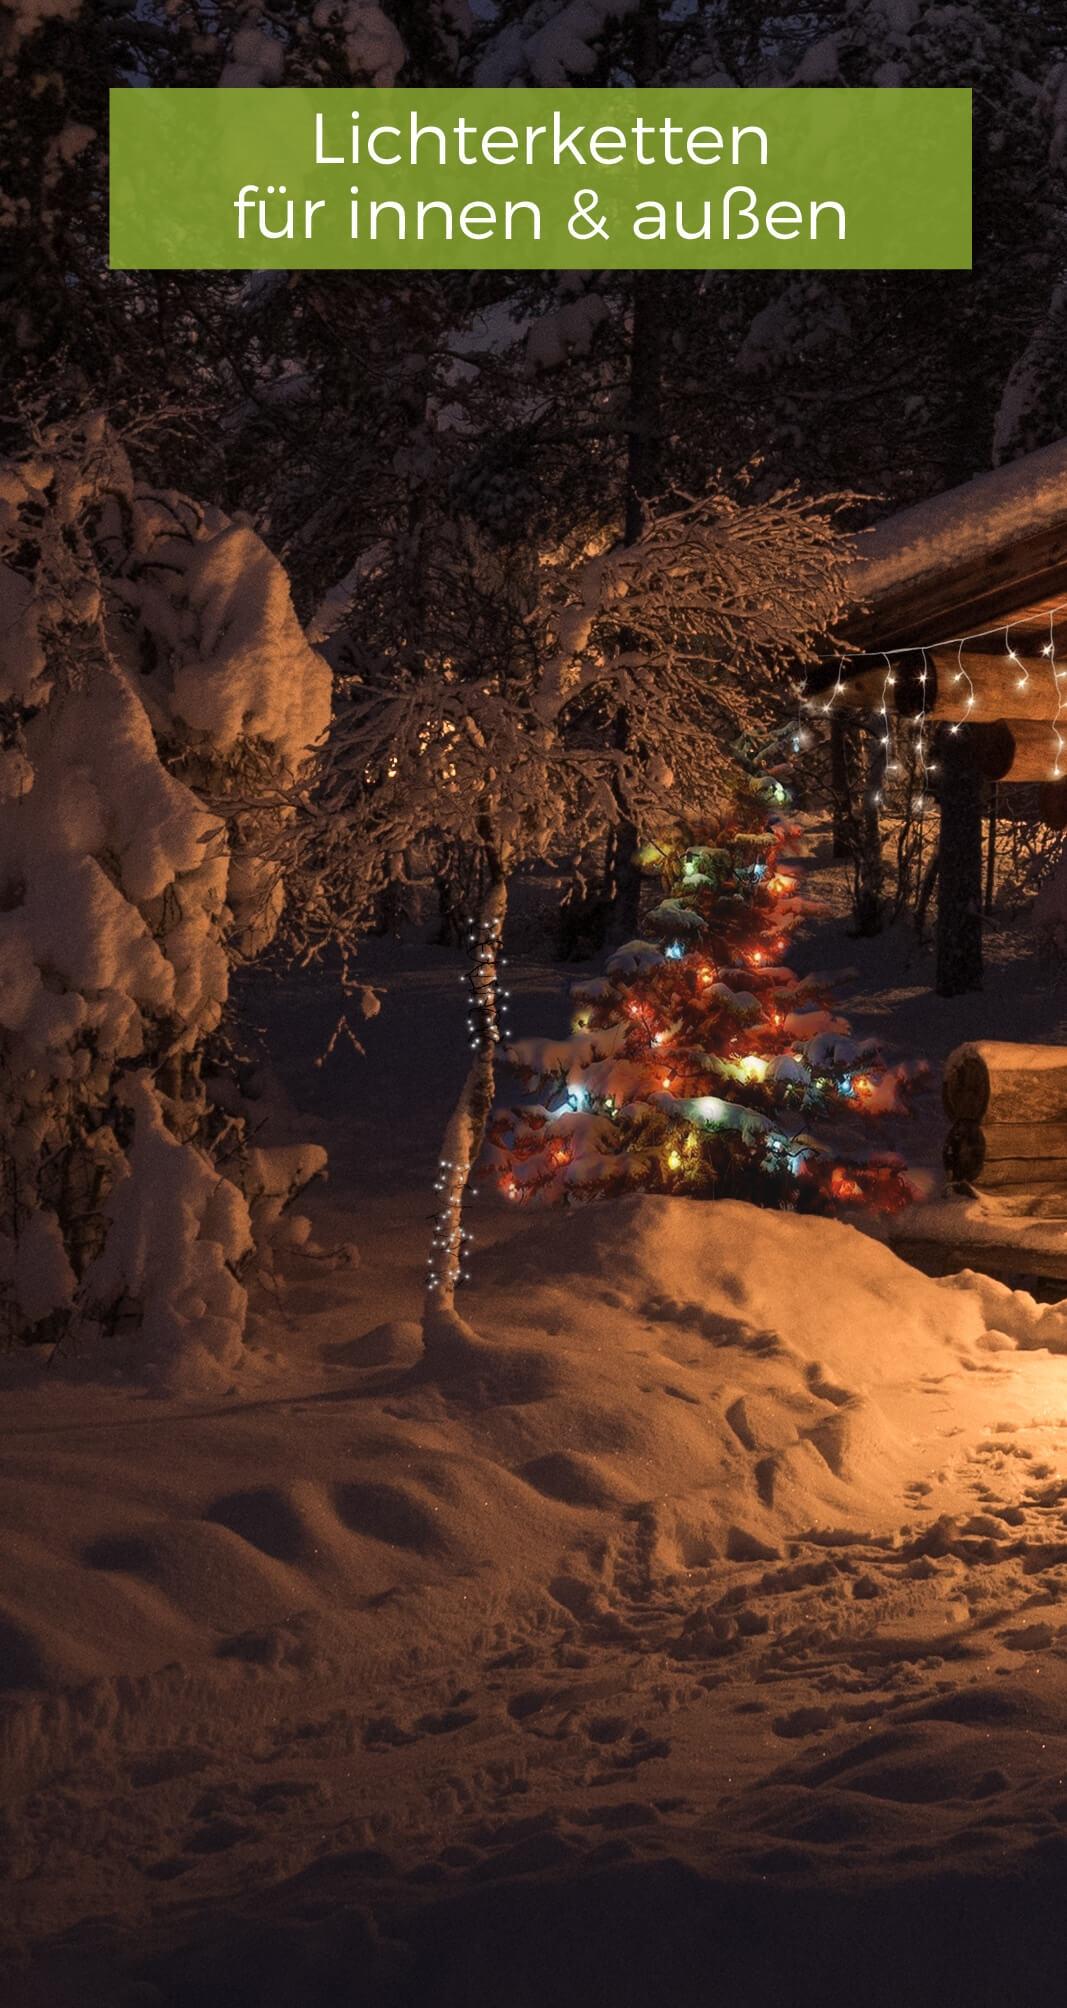 Full Size of Led Weihnachtsbeleuchtung Bei Universum Dreh Kipp Fenster Rollo Stores Alu Schallschutz Einbruchschutzfolie Trier Sichtschutzfolie Einseitig Durchsichtig Velux Fenster Weihnachtsbeleuchtung Fenster